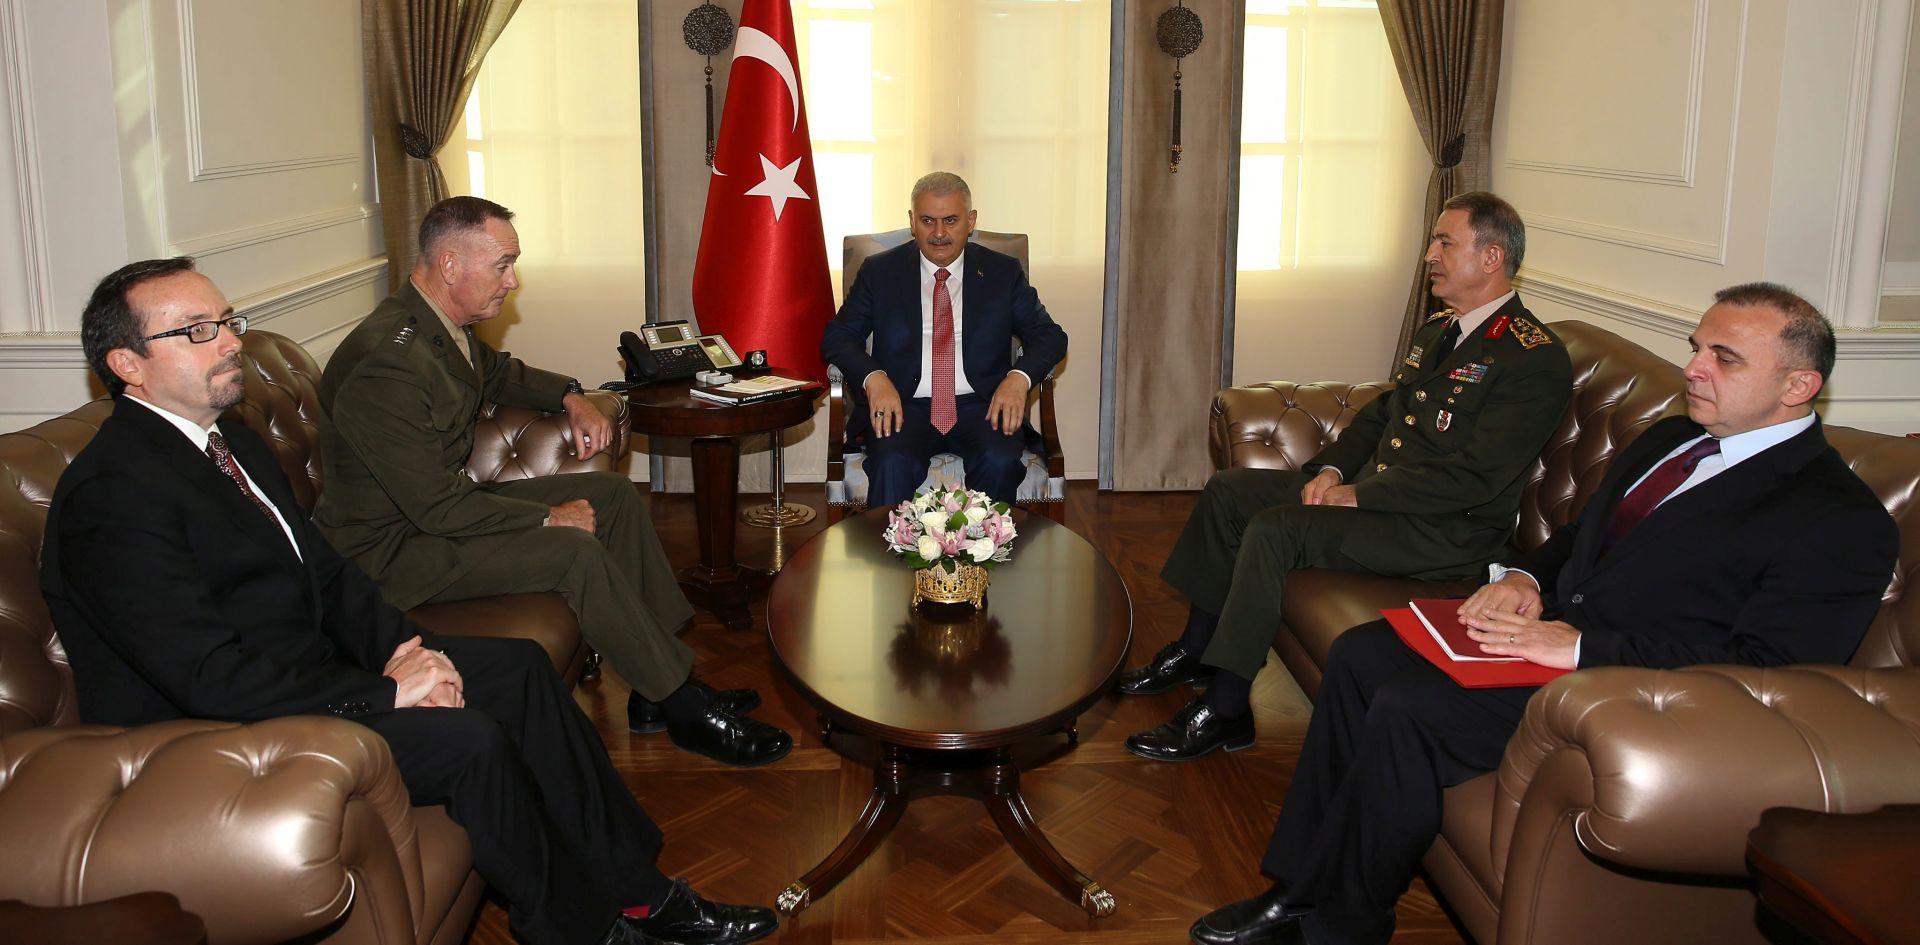 Američki general u misiji smirivanja napetosti s Turskom